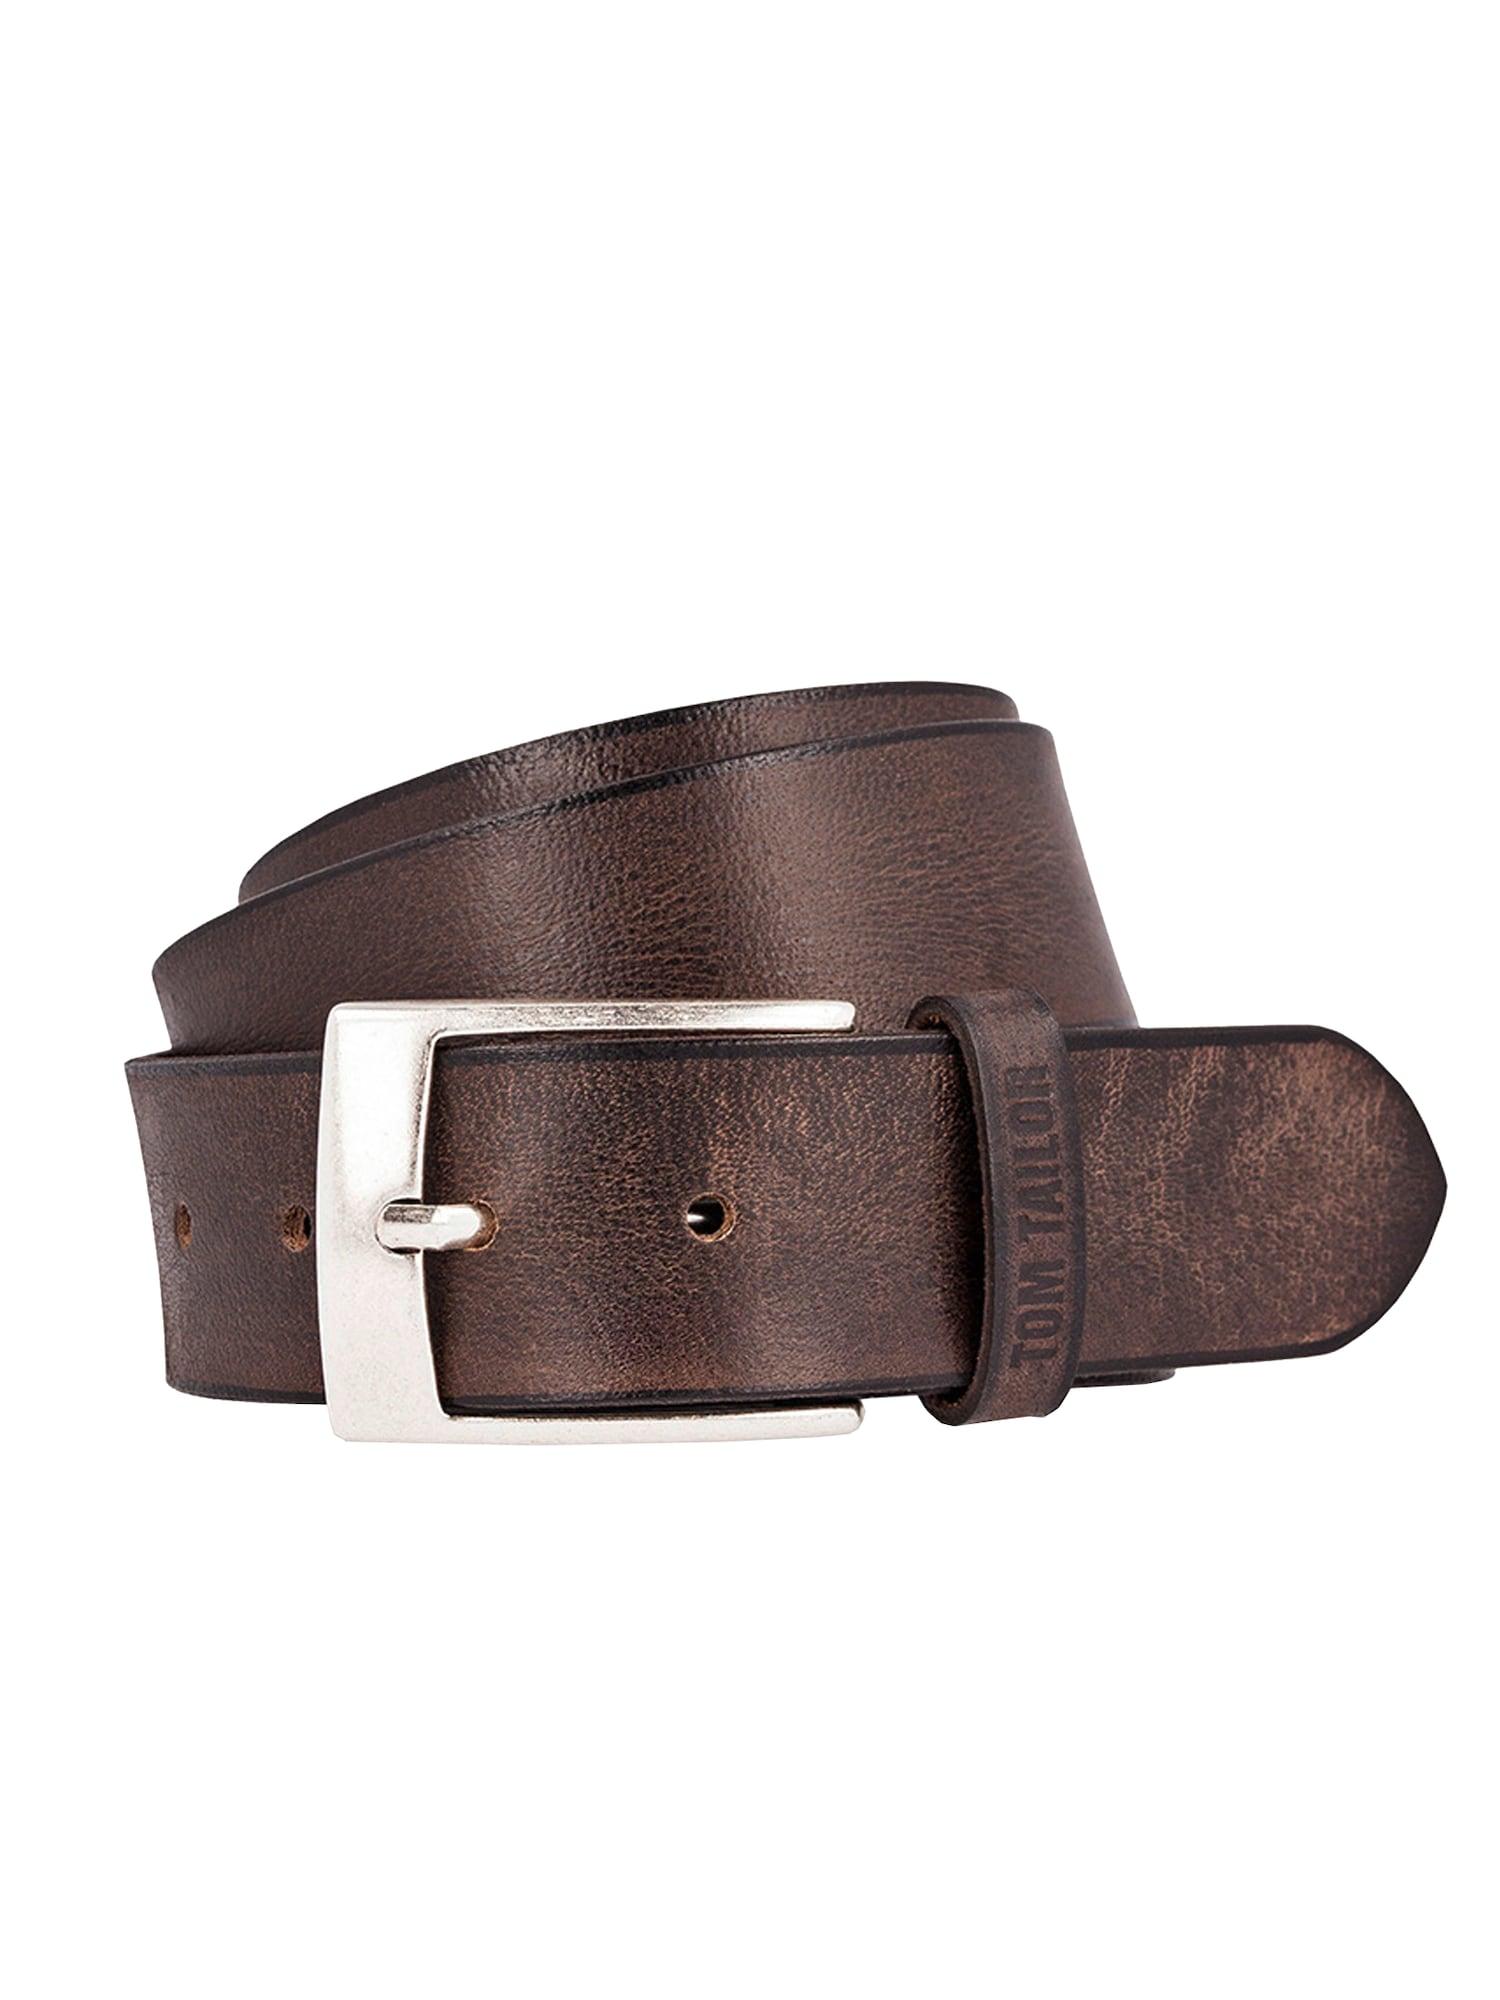 Opasek Used fullgrain leather belt tmavě hnědá TOM TAILOR